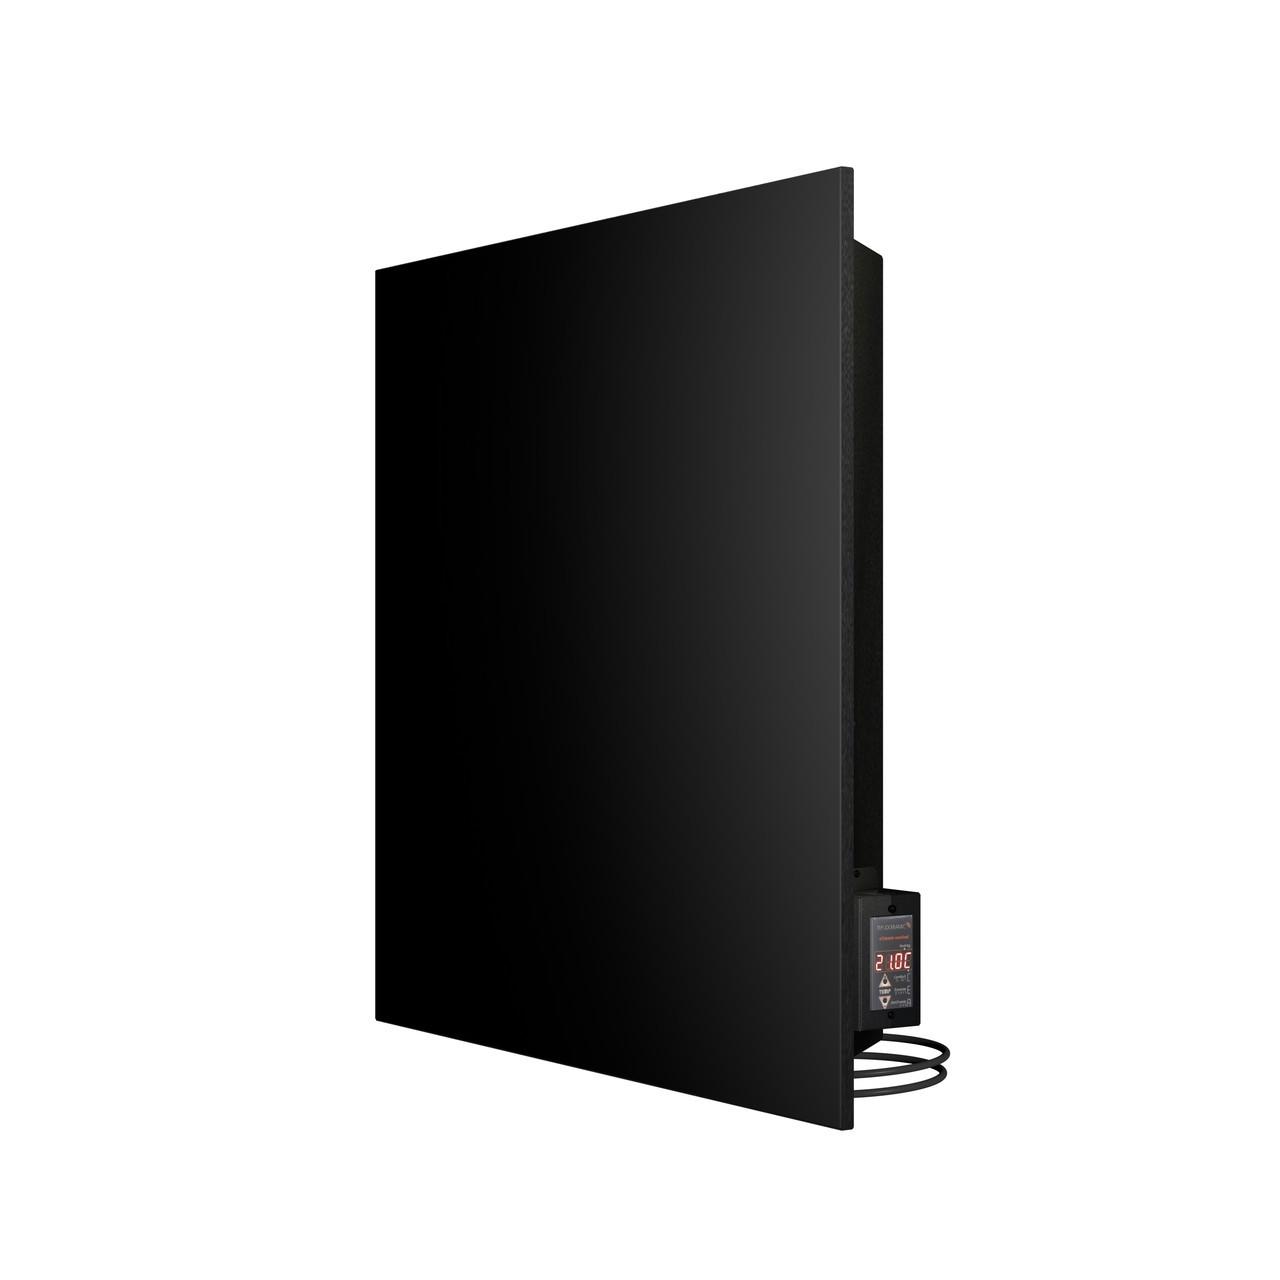 Керамічний інфрачервоний обігрівач (конвектор електричний) Теплокерамик TC500C з терморегулятором (Чорний)